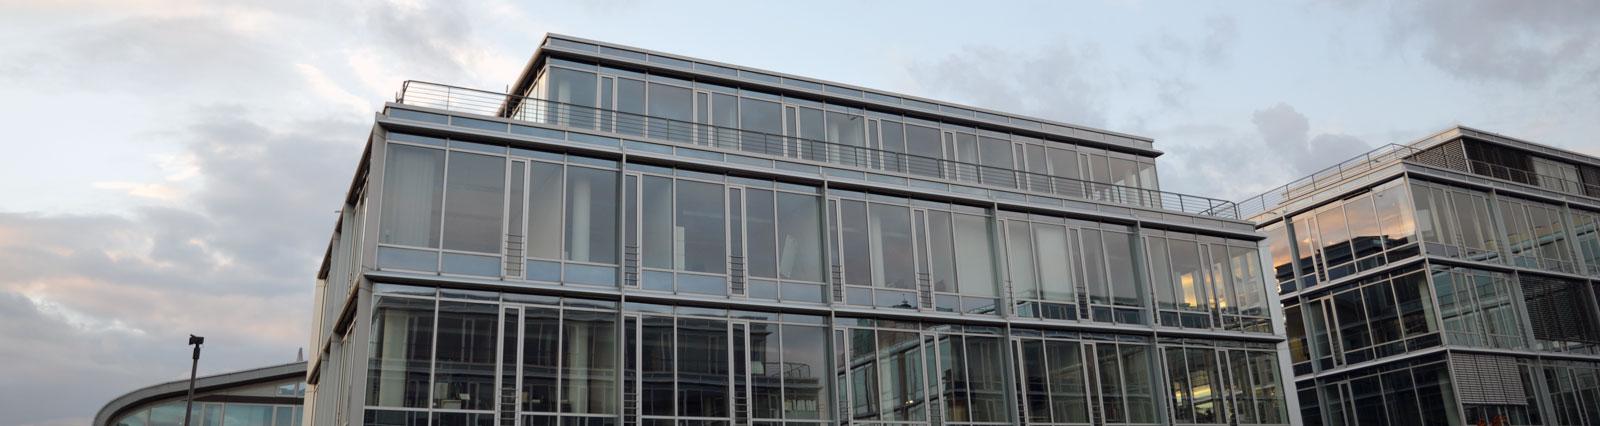 Bonn großer Seminarraum neben Kameha Grand Hotel und Rohmühle